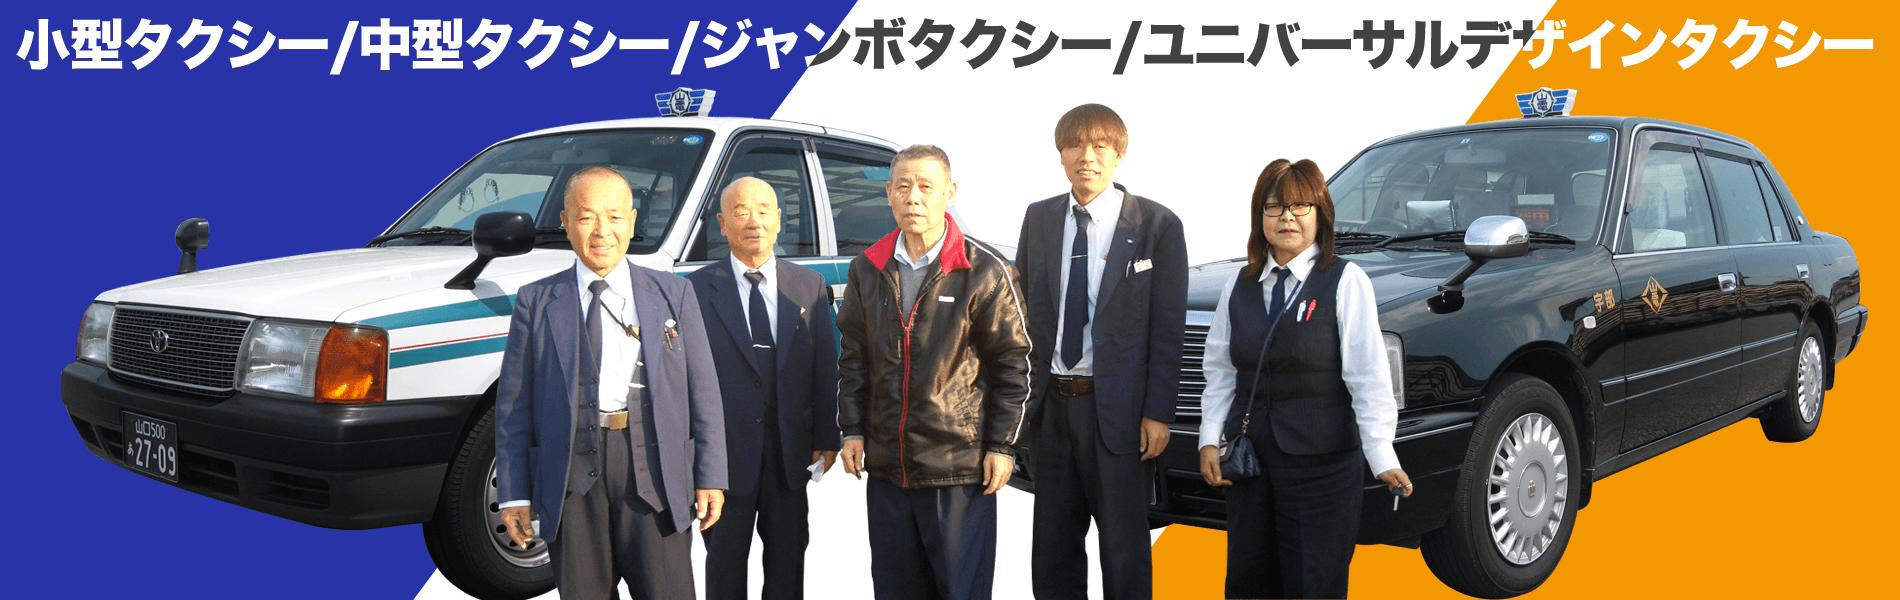 小型タクシー/中型タクシー/ジャンボタクシー/ユニバーサルデザインタクシー